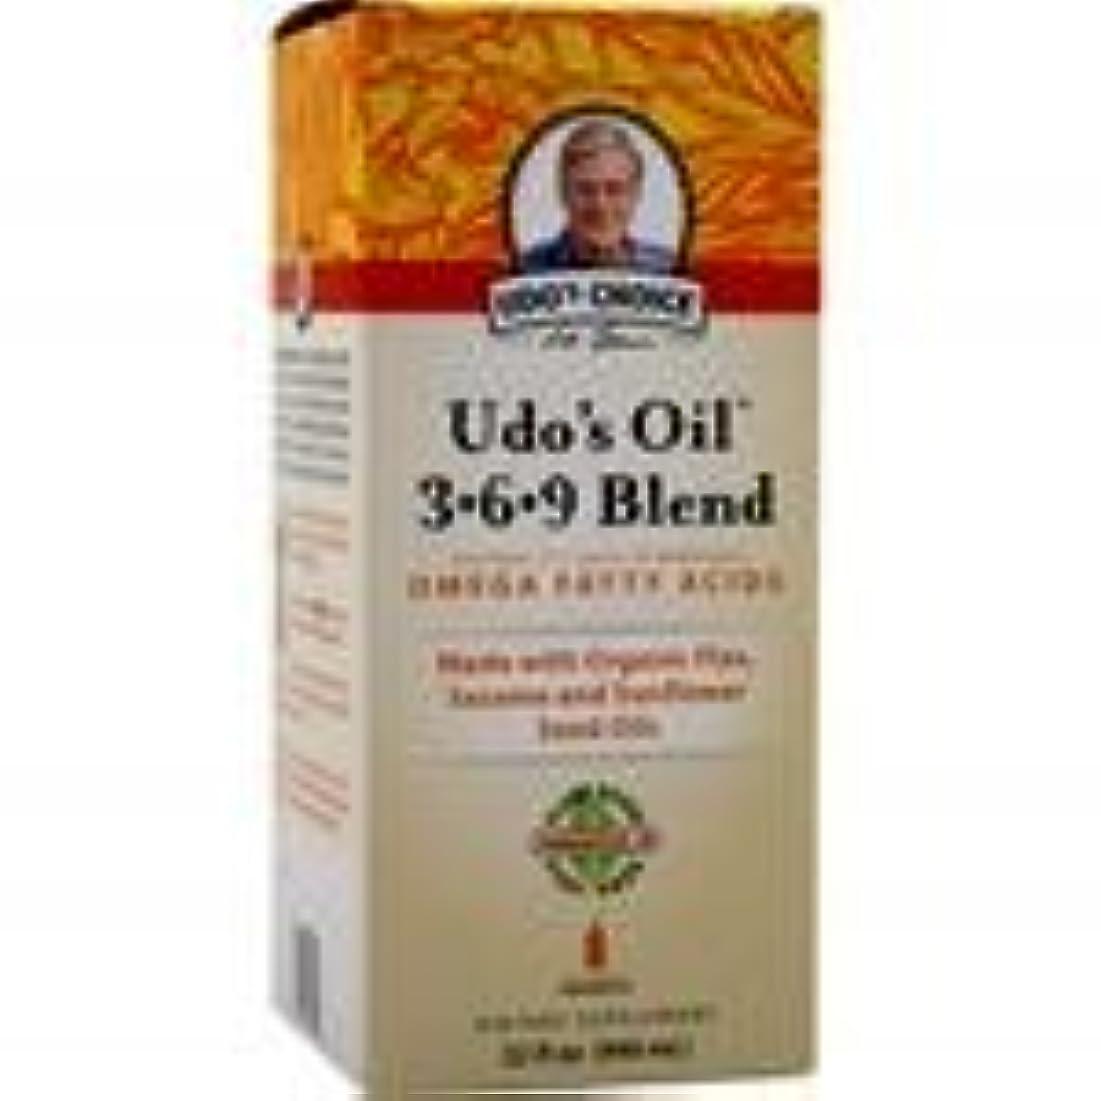 心理学ブートパウダーUdo's Oil 3-6-9 Blend Liquid 32 fl.oz 4個パック